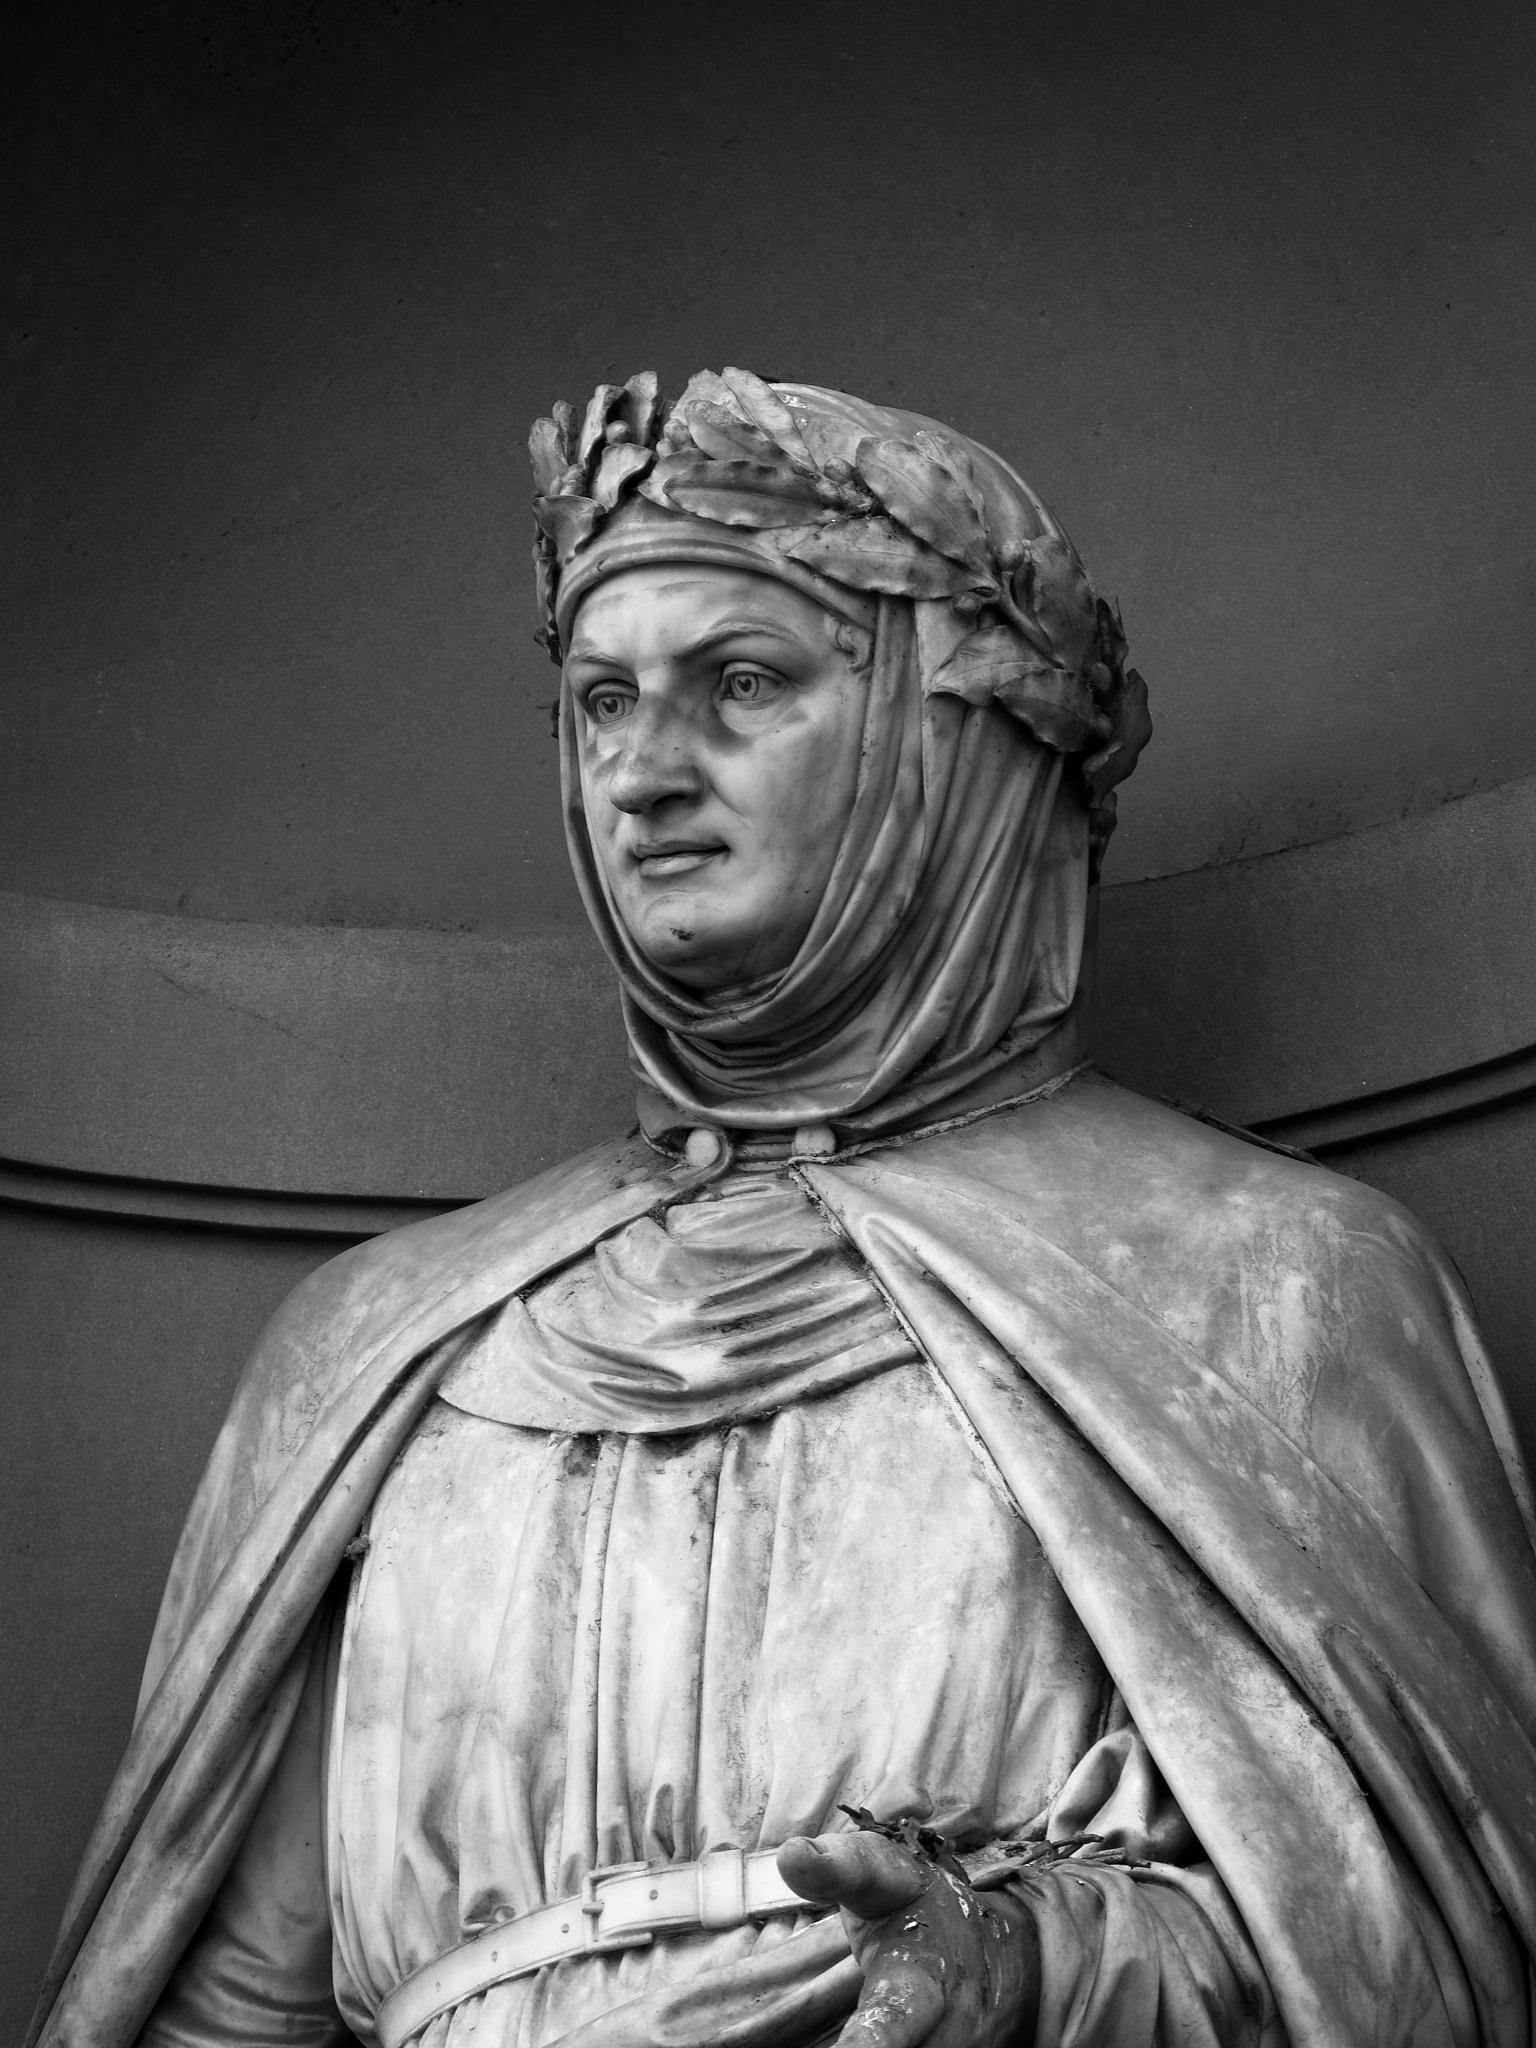 Statue of Giovanni Boccaccio (Firenze) by Piotr Arendarski